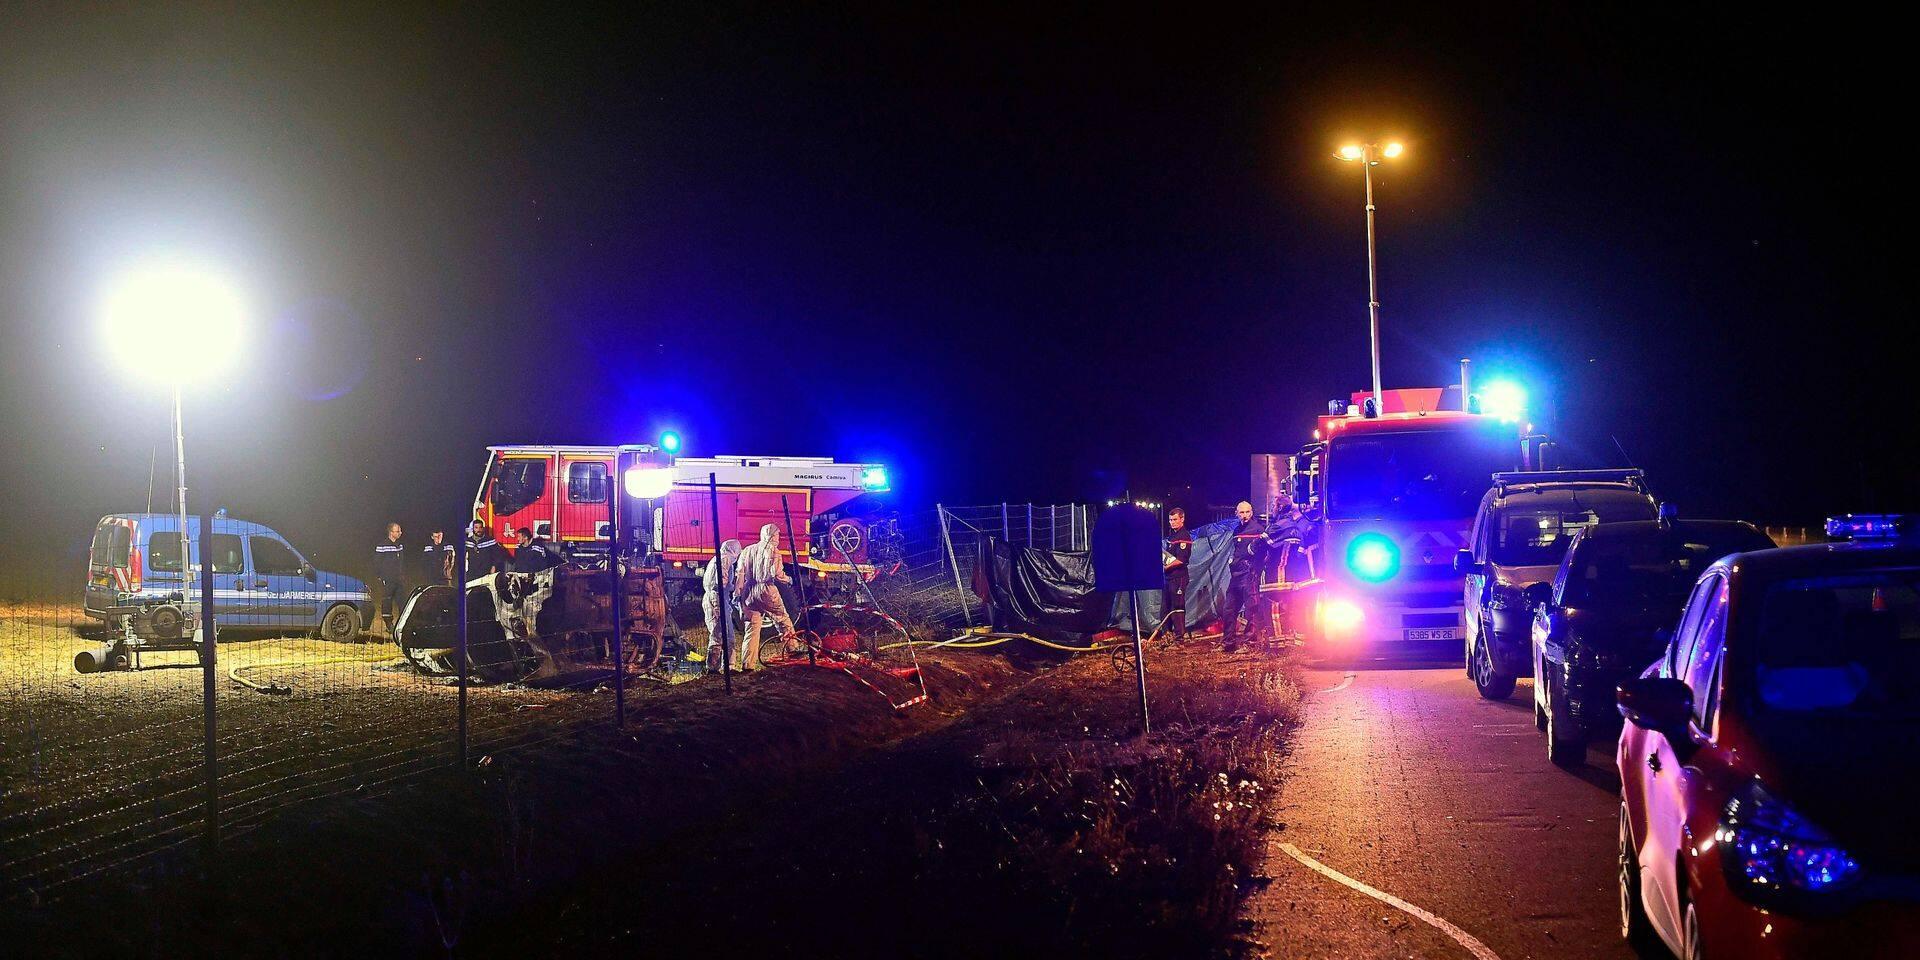 Décès de cinq enfants en France : l'expert judiciaire conclut à la casse du turbo